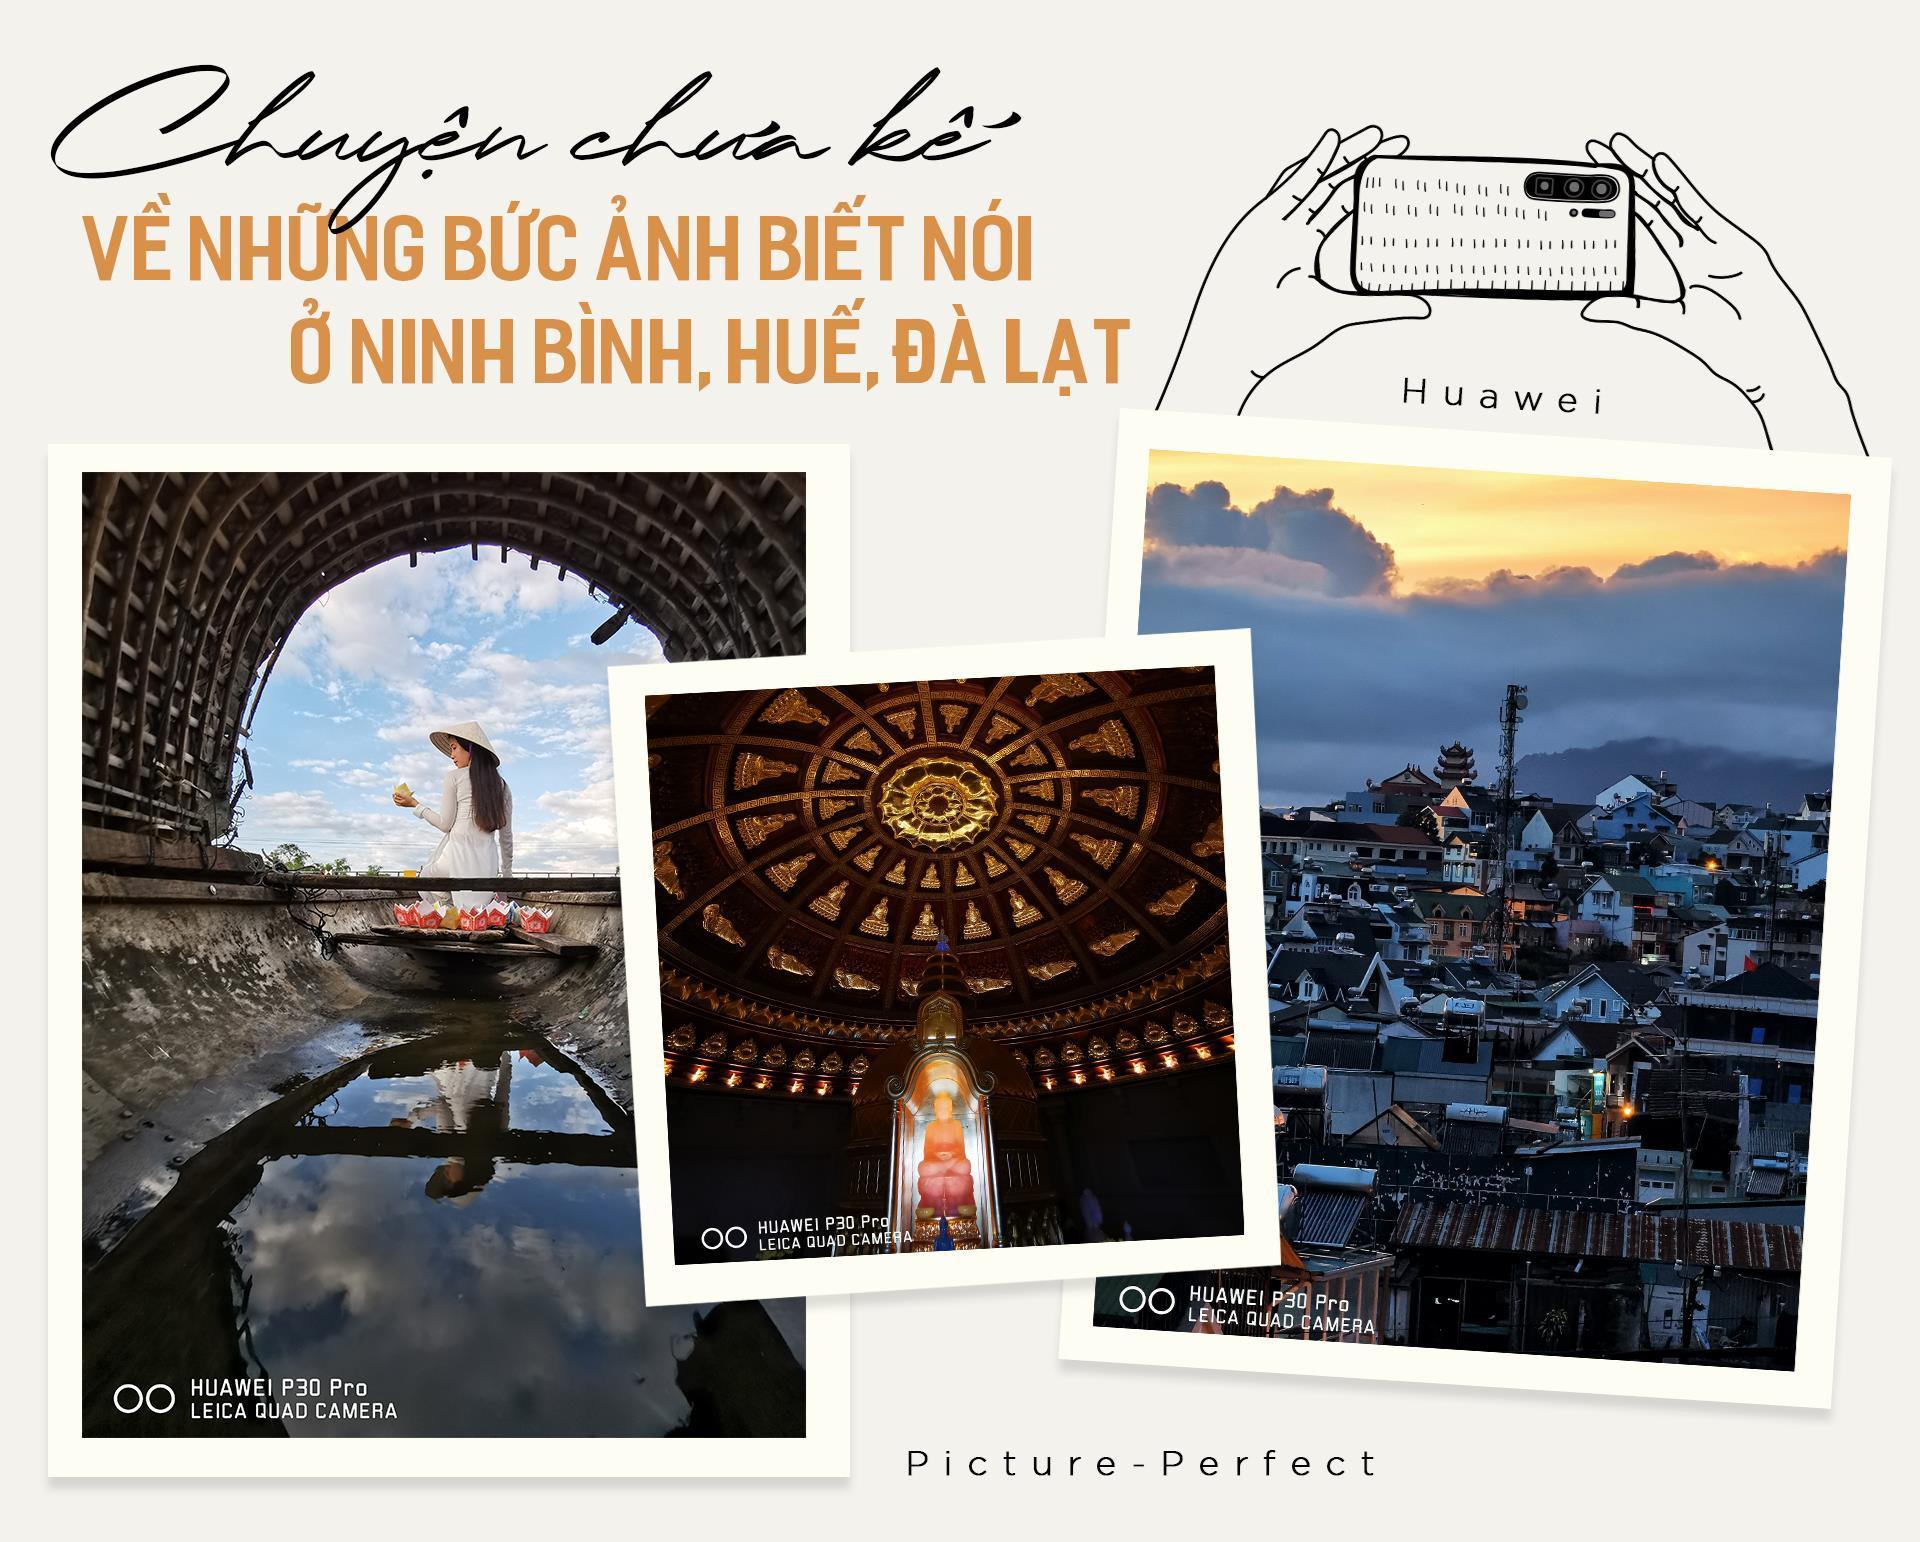 Chuyện chưa kể về những bức ảnh biết nói ở Ninh Bình, Huế, Đà Lạt Ảnh 1